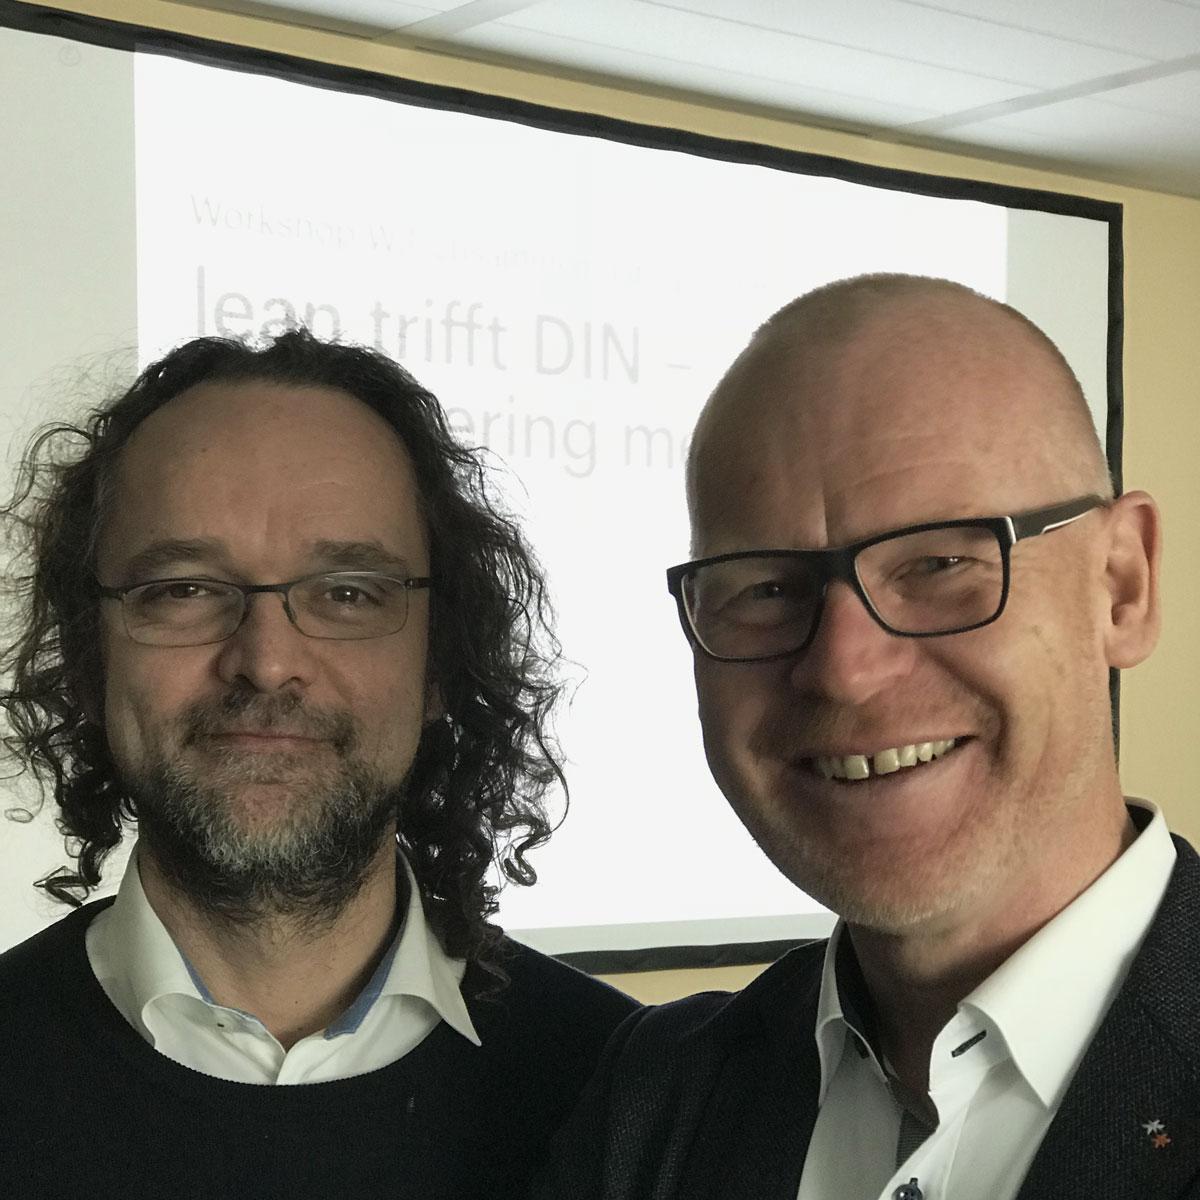 Bild: Jochen Denzinger und Günther Würtz vor ihrem Workshop auf der W3+